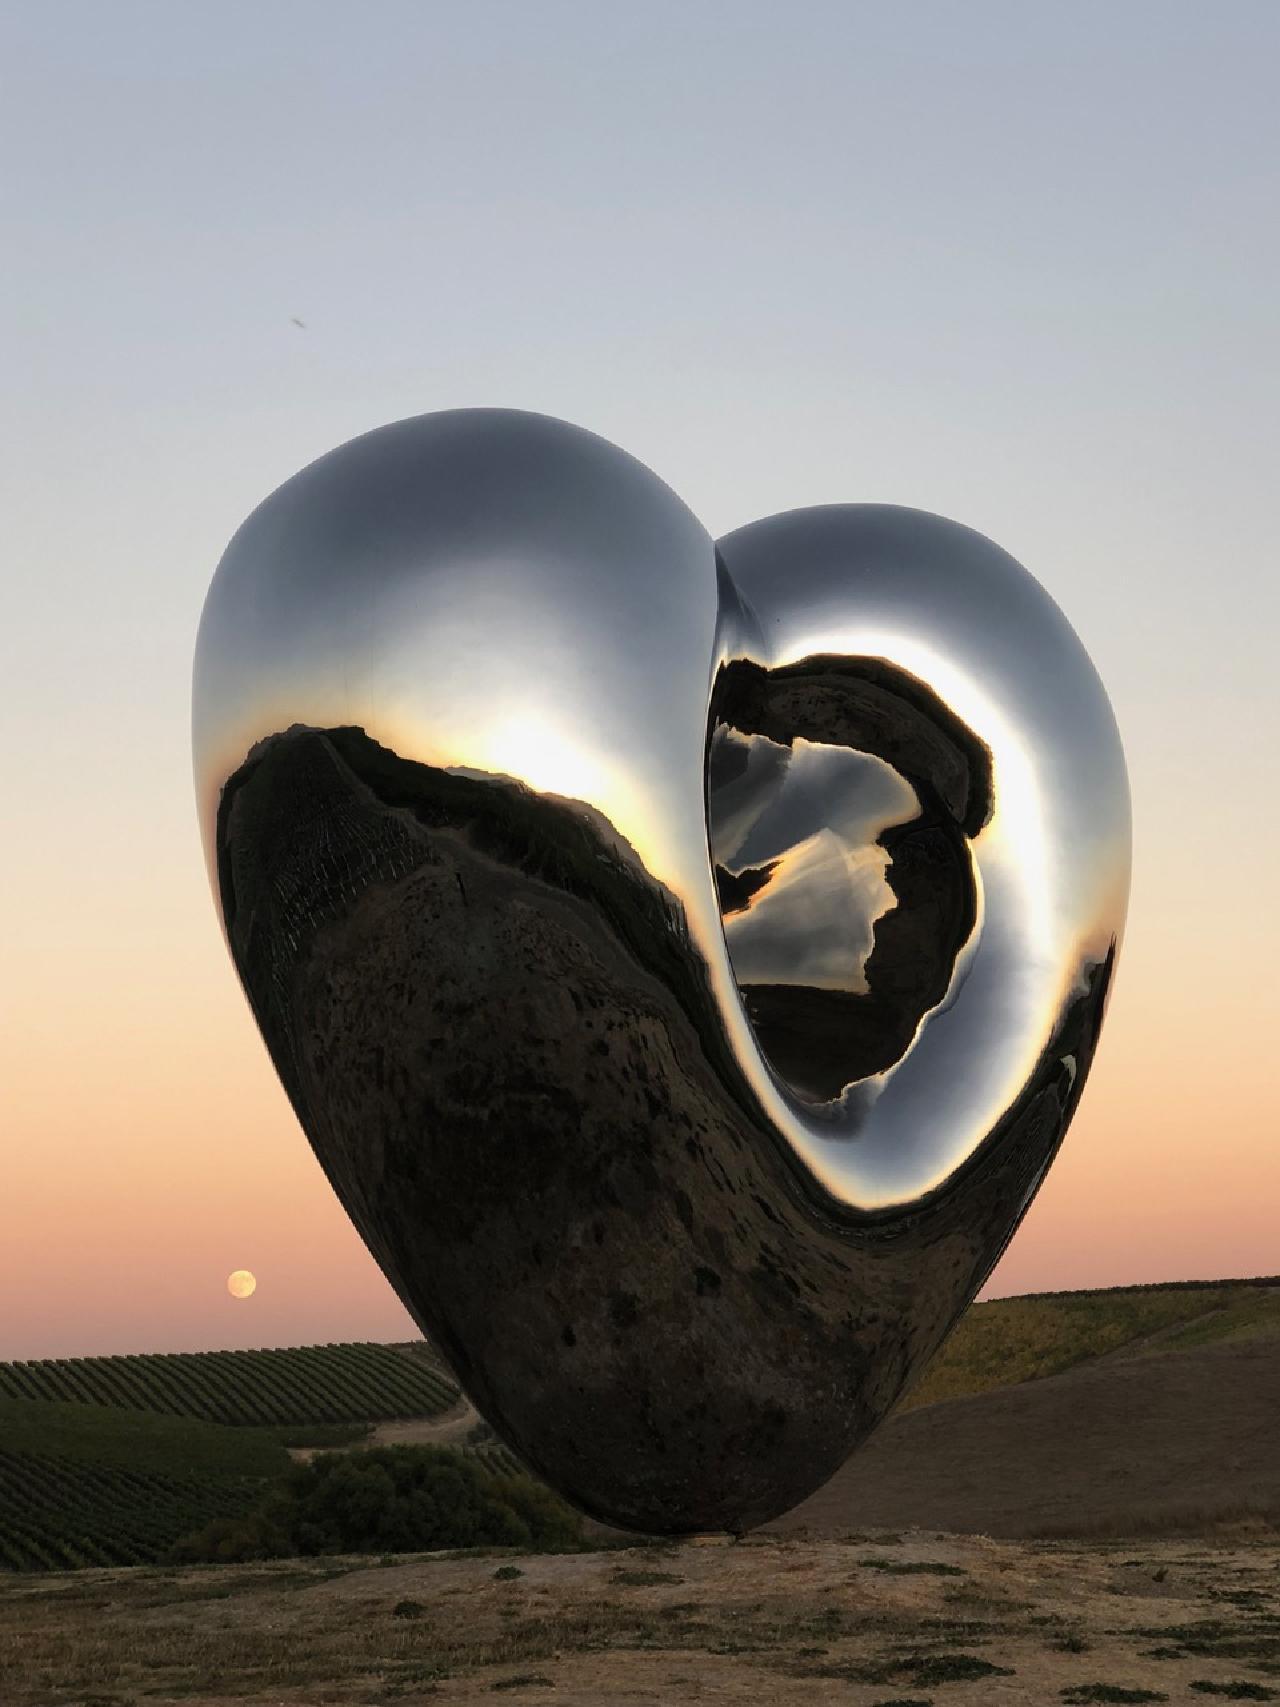 Parque de esculturas con corazón. Foto: theconversationpod.com